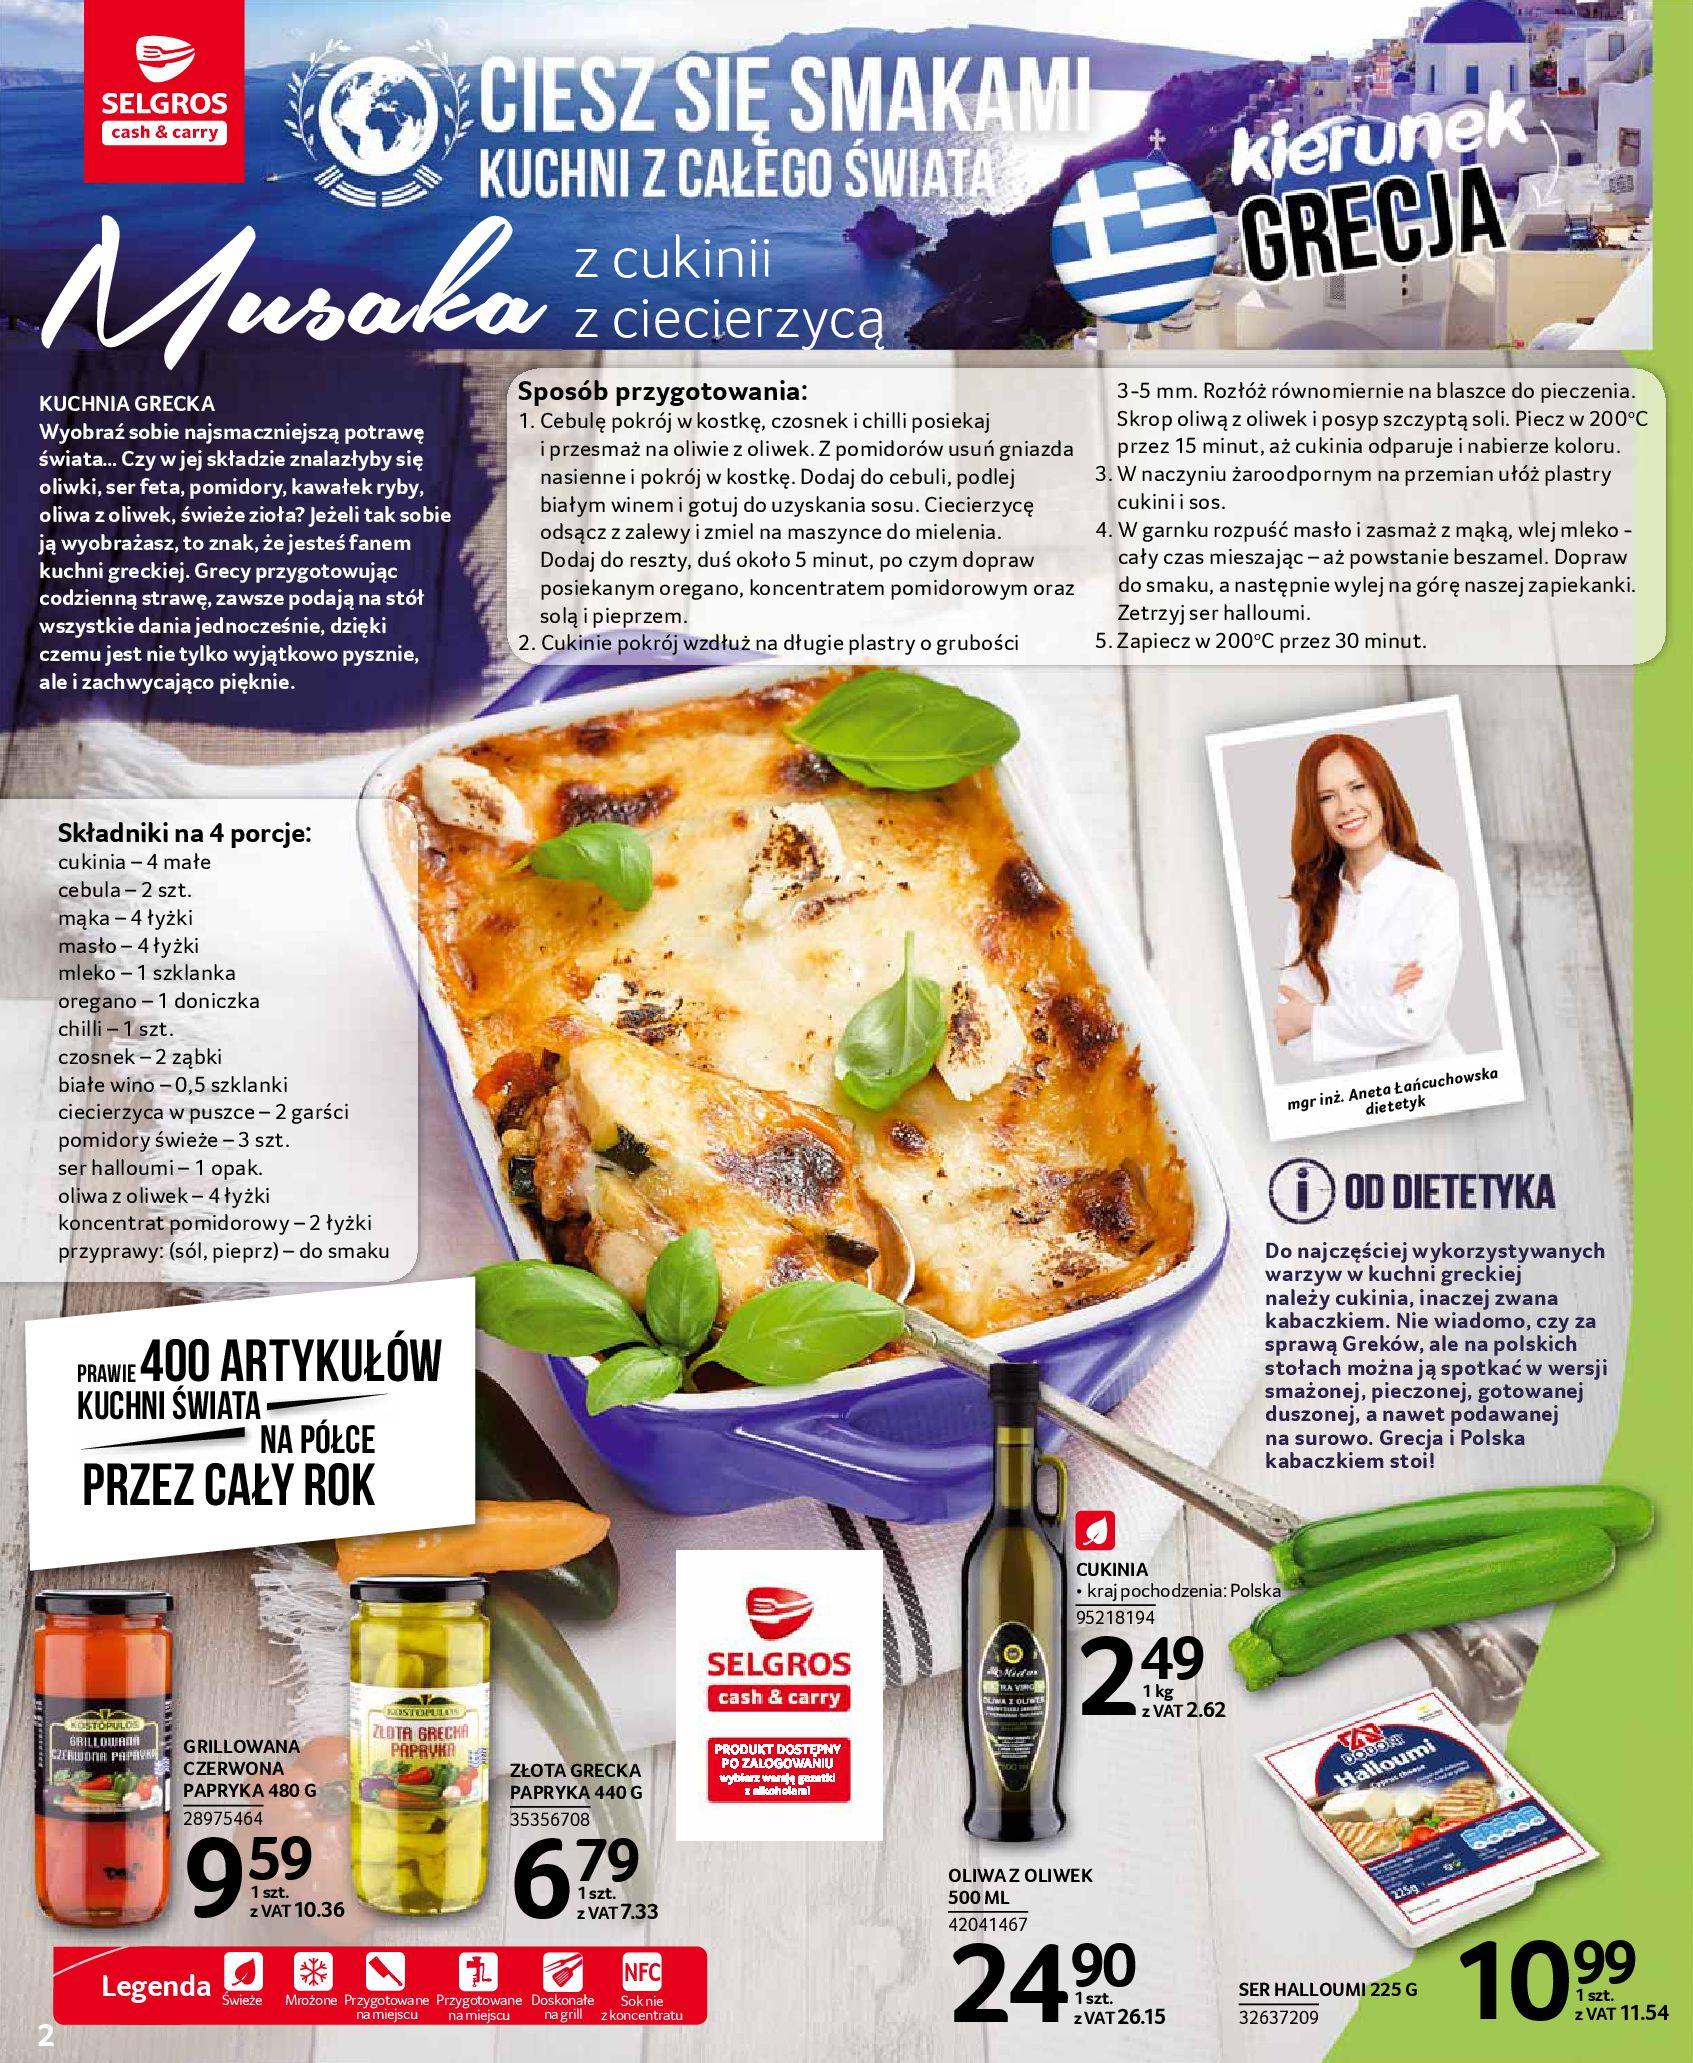 Gazetka Selgros - Oferta spożywcza-13.08.2019-28.08.2019-page-2